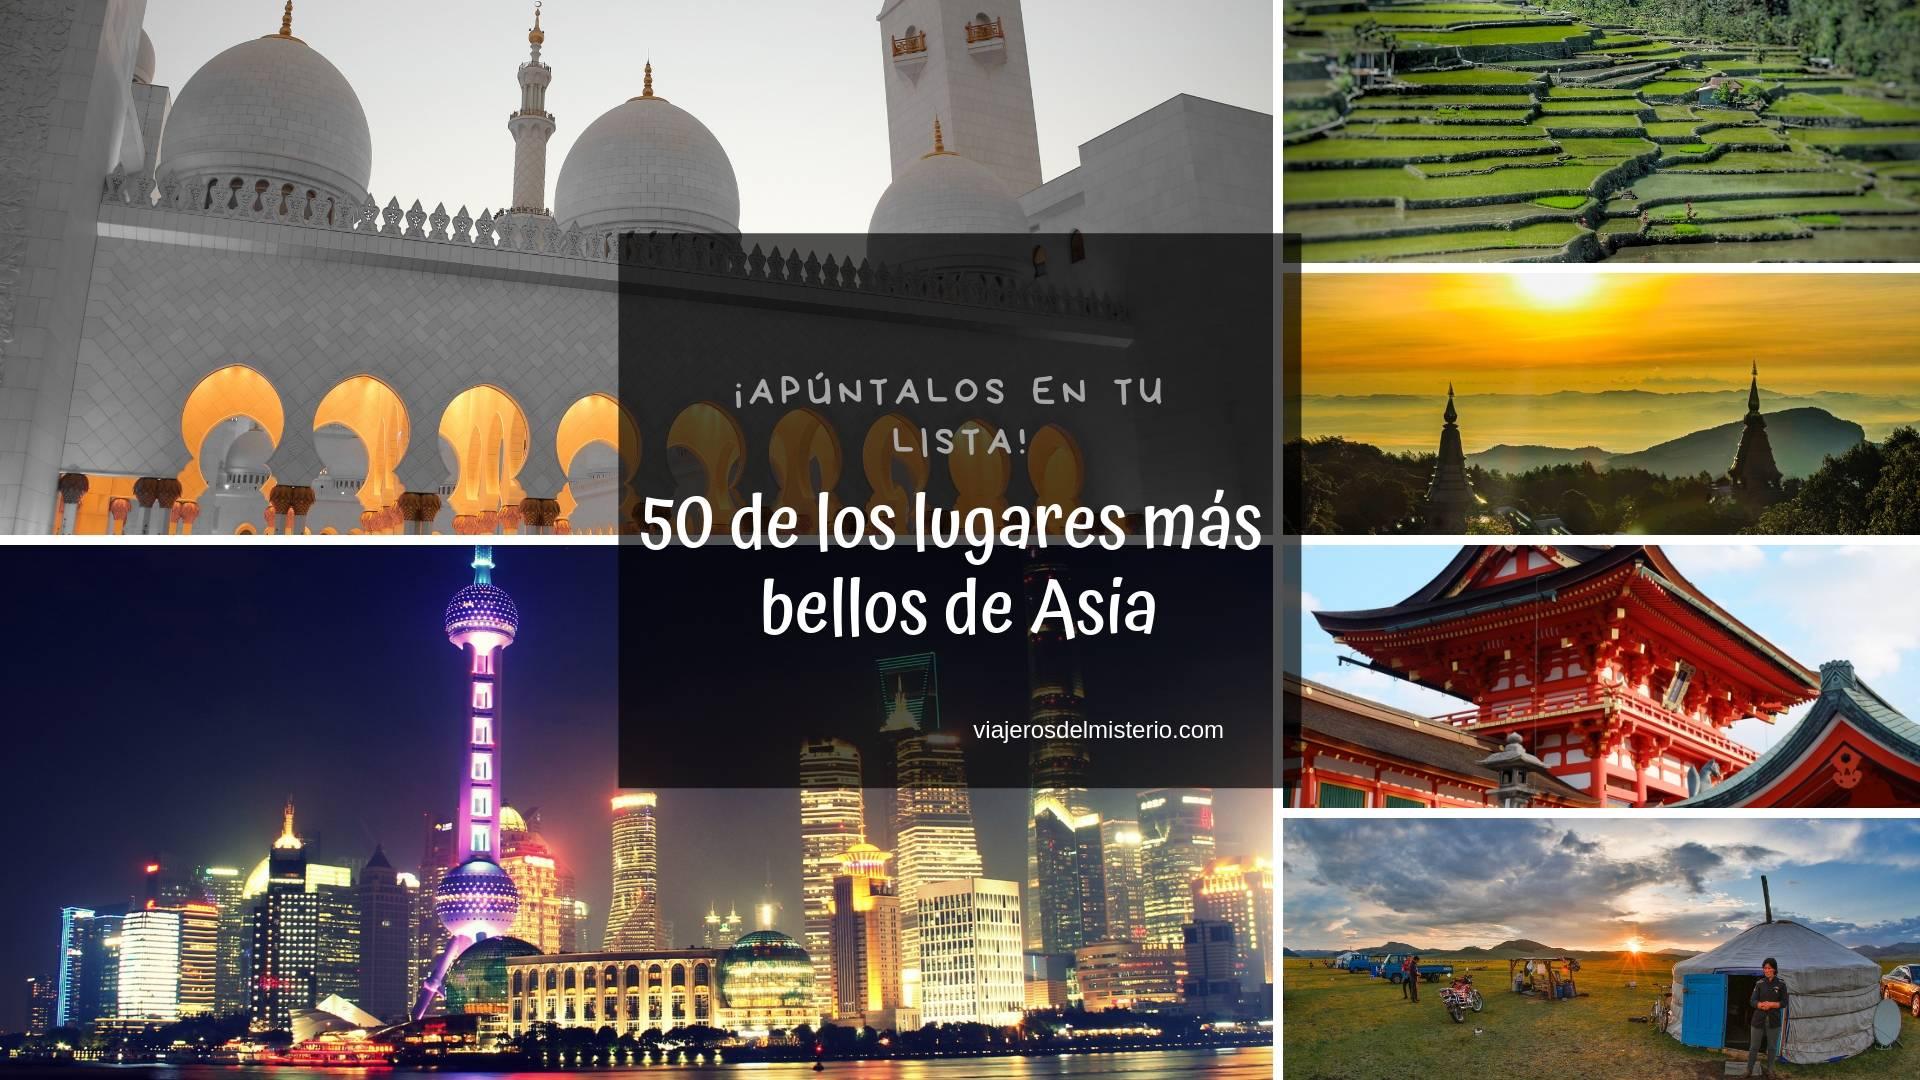 50 de los lugares más bellos de Asia